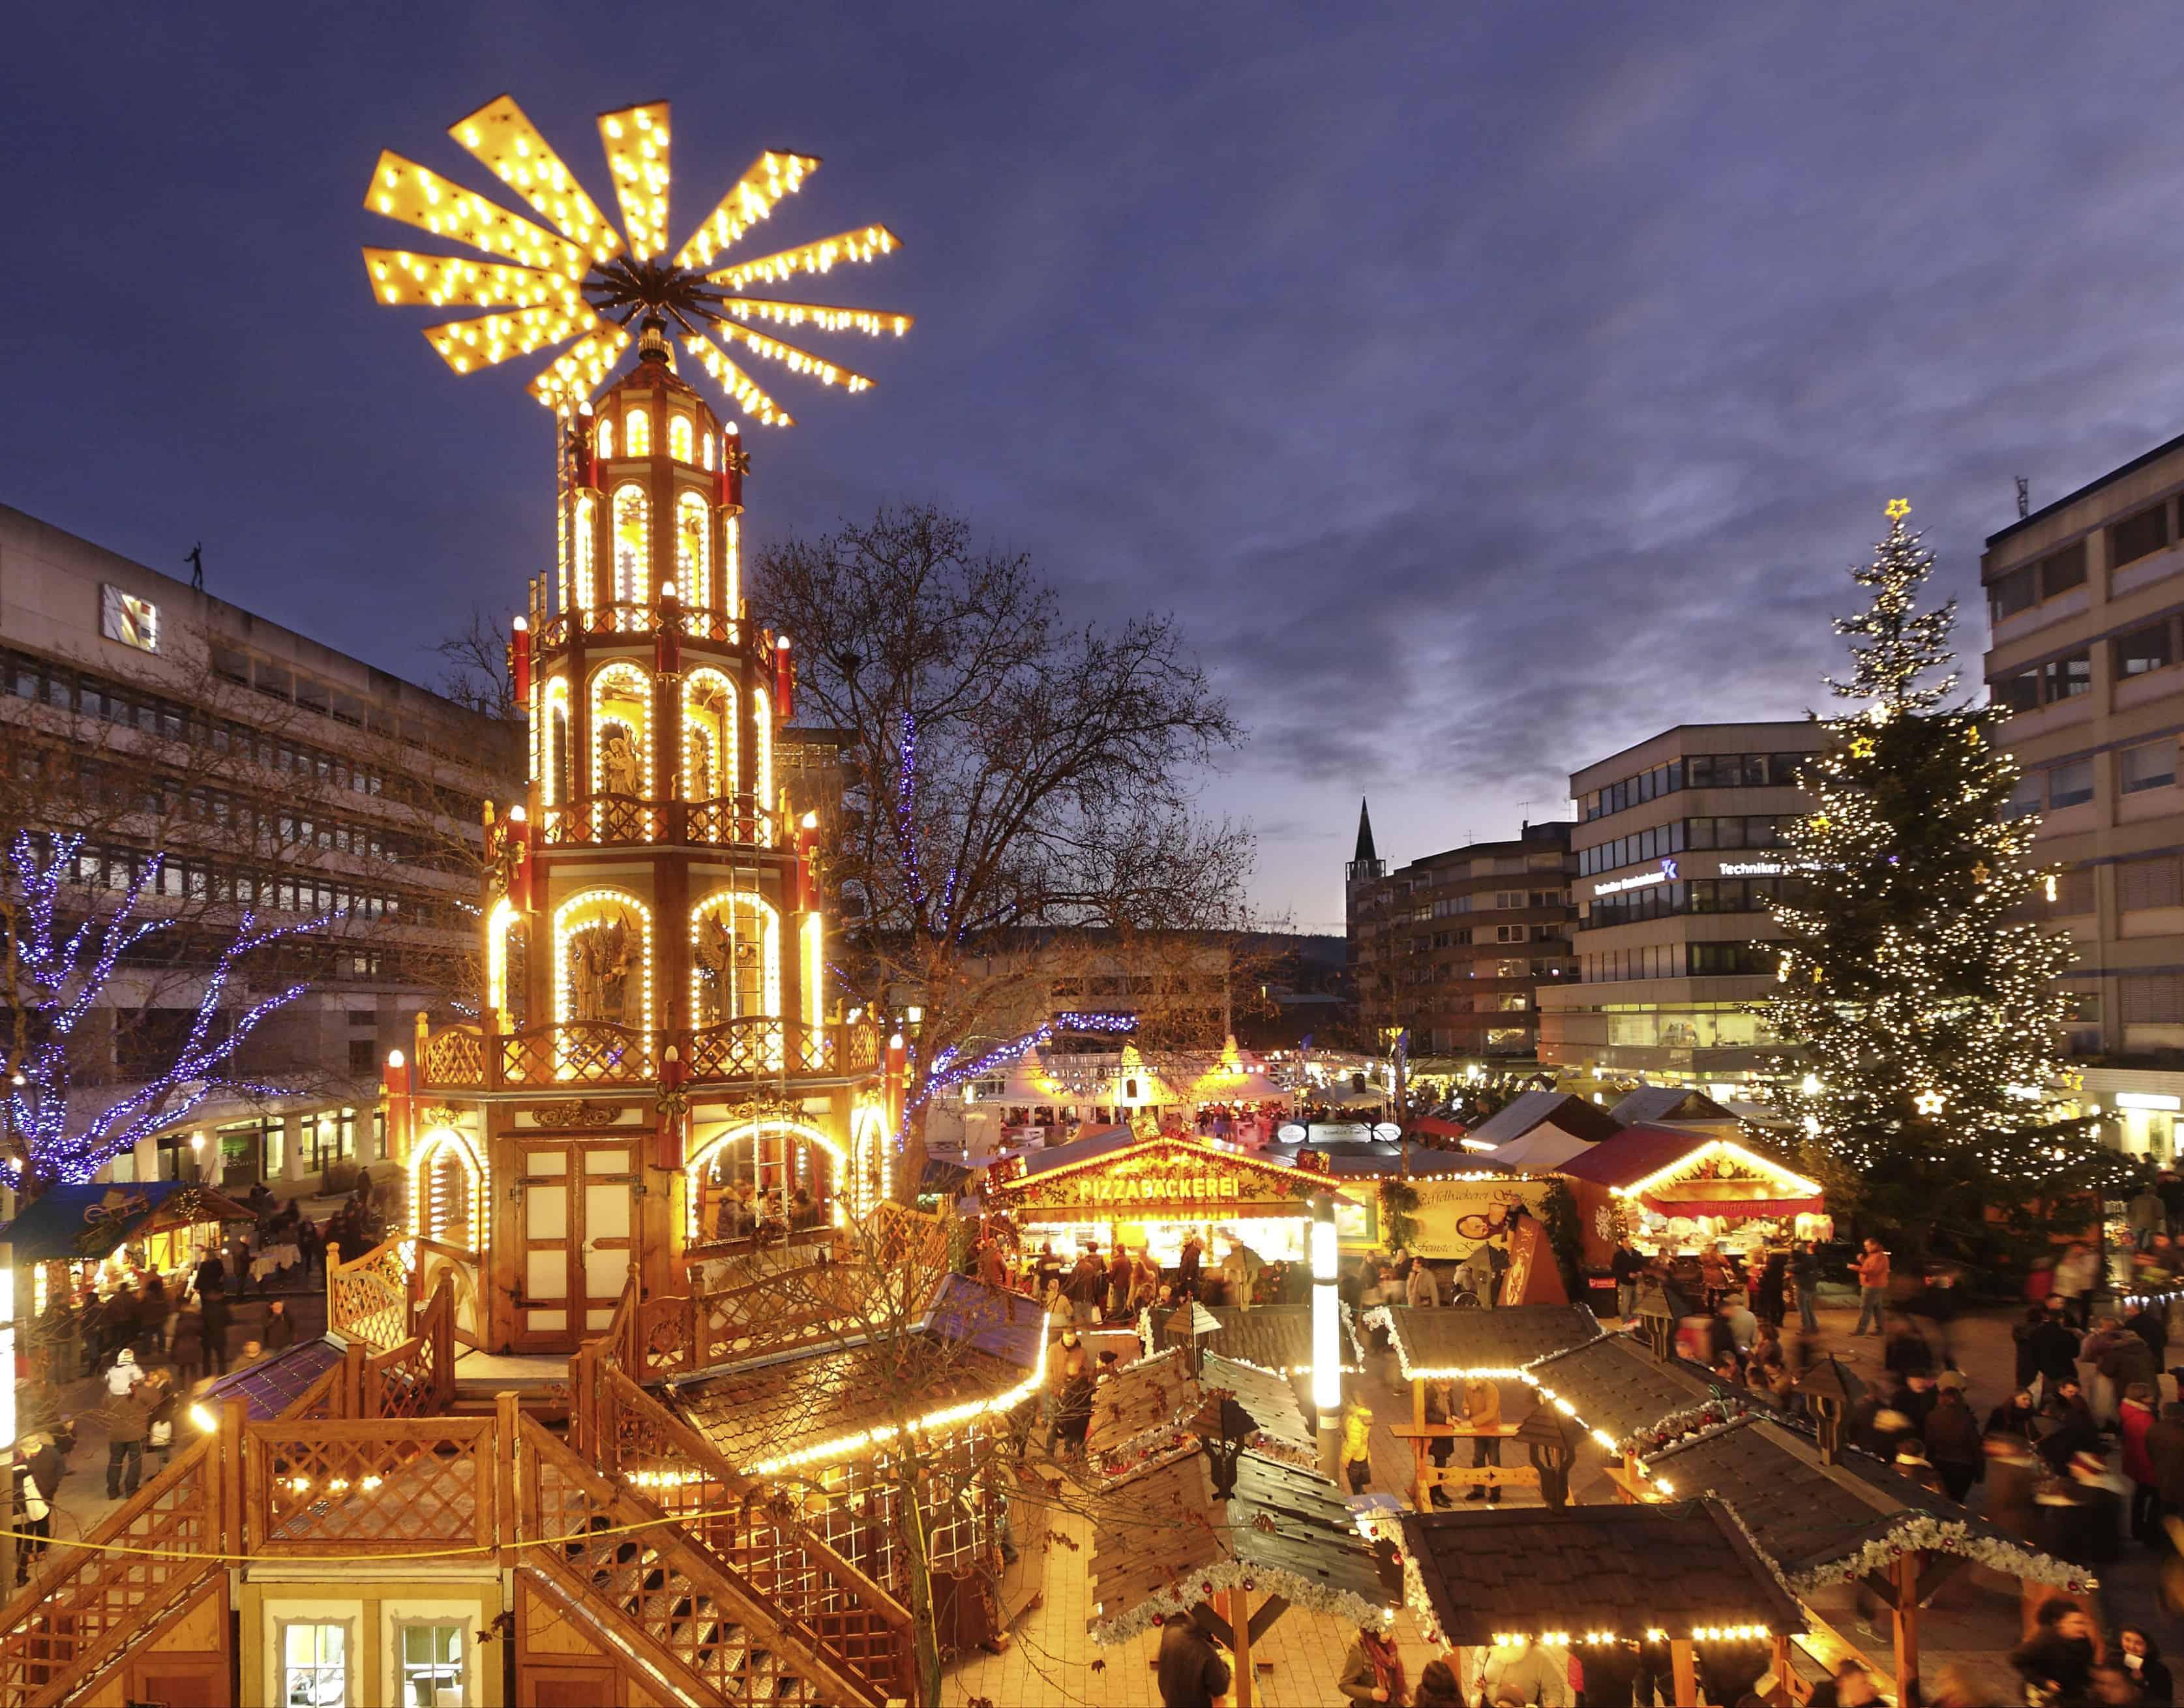 Weihnachtsmarkt in Pforzheim